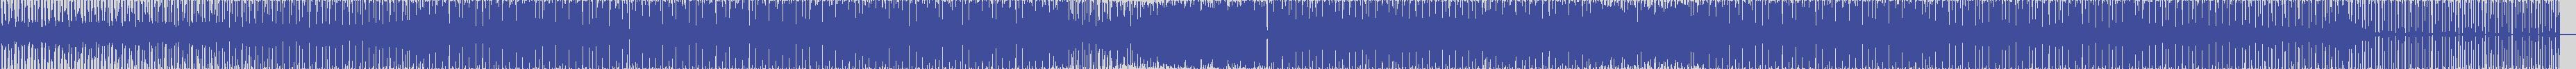 bunny_clan [BYC048] Kenny Bizzarro - Jack 1976 [Party Dub] audio wave form